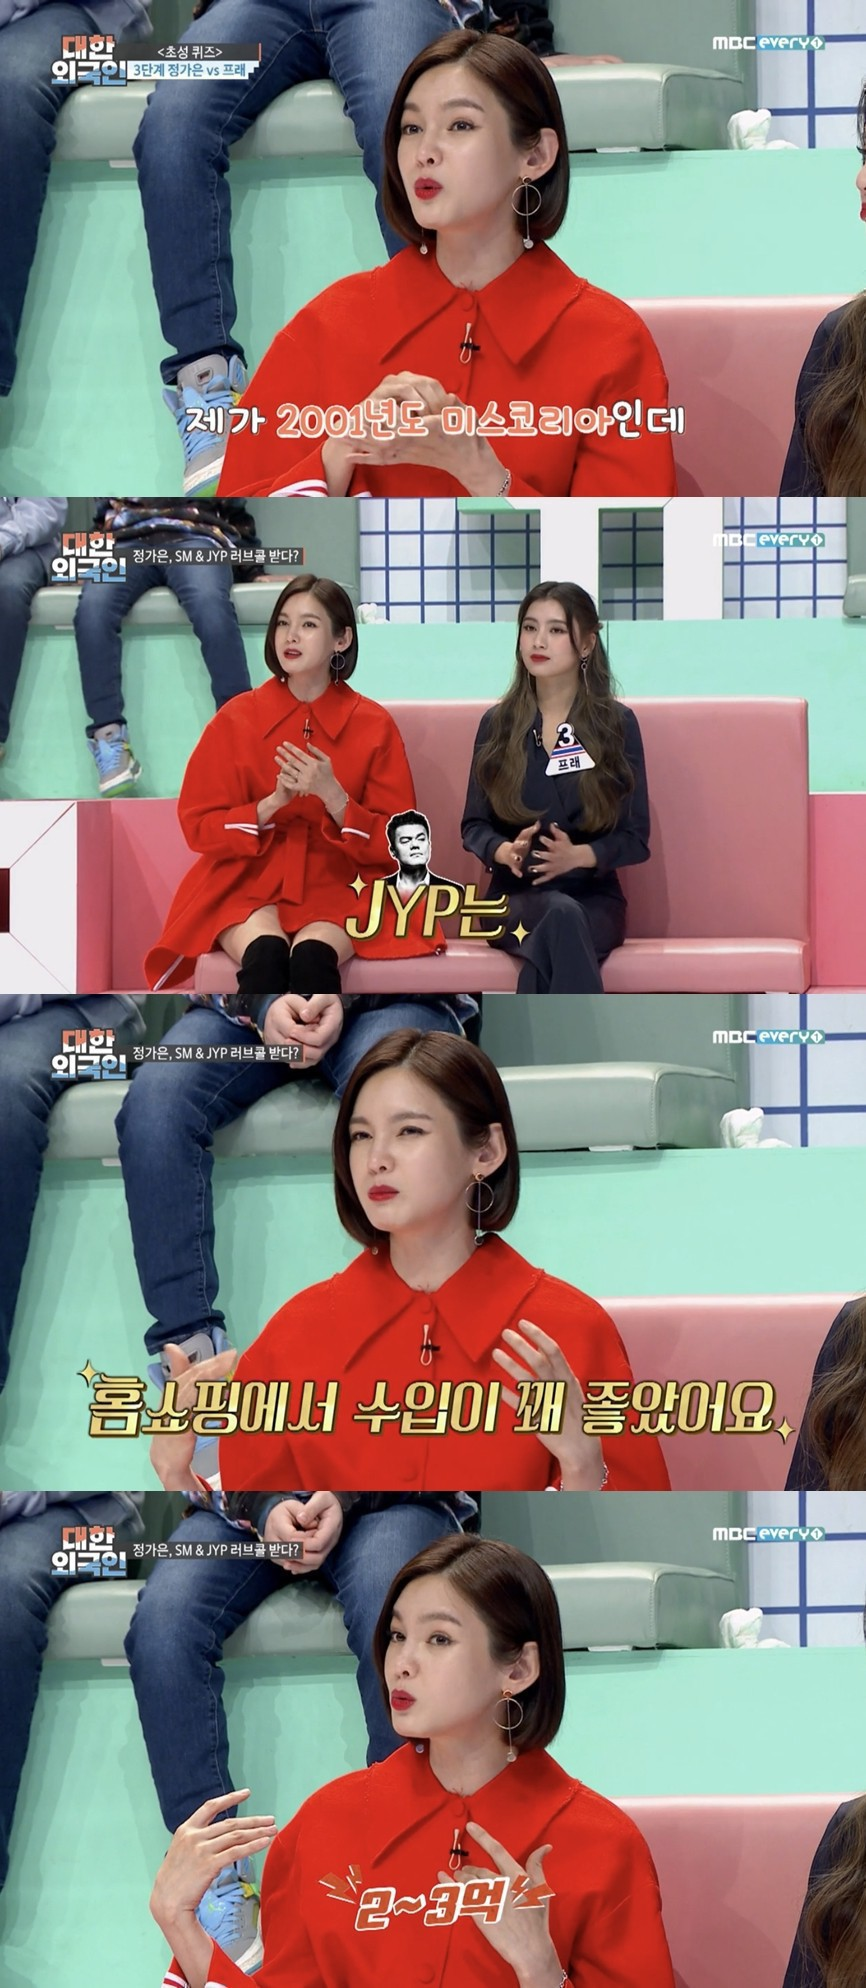 """'한국 외국인'정가은""""JYP에 계약금 3 억을 냈는데 19 년 동안 연락이 없었다"""""""